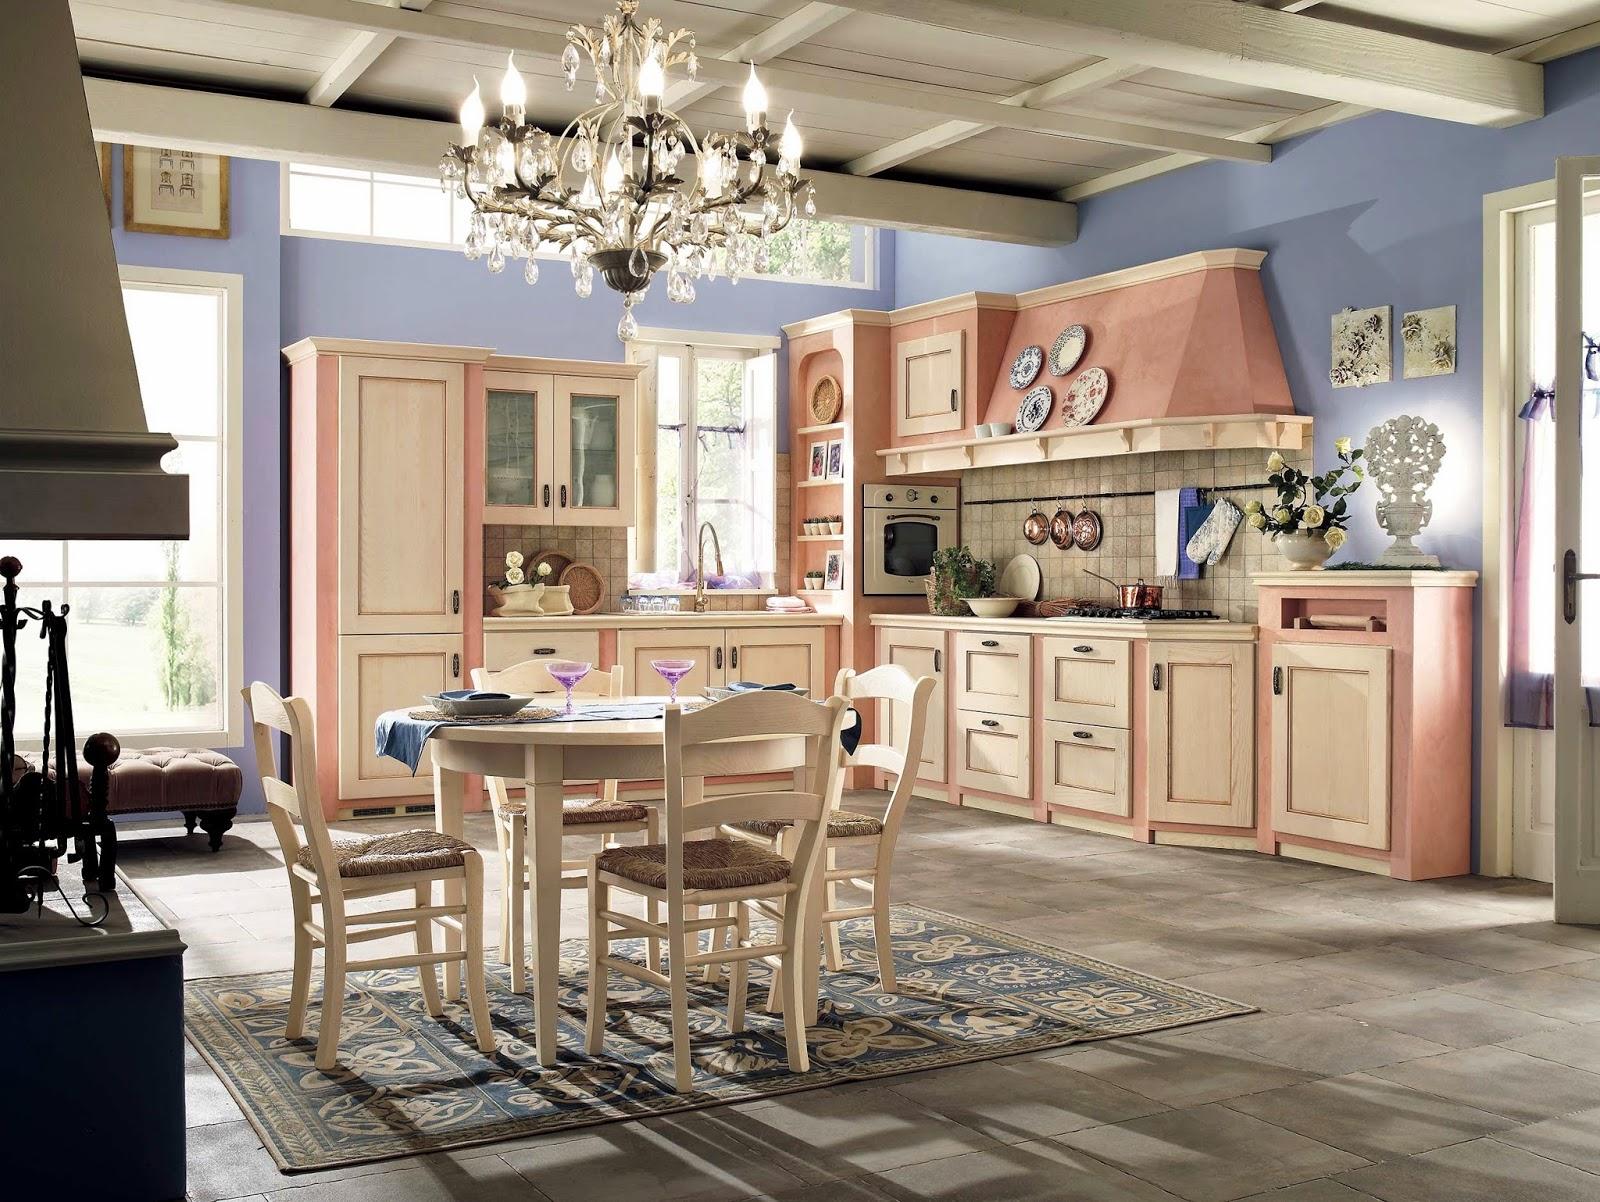 Cucine Classiche #856C46 1600 1202 Immagini Di Cucine Bianche